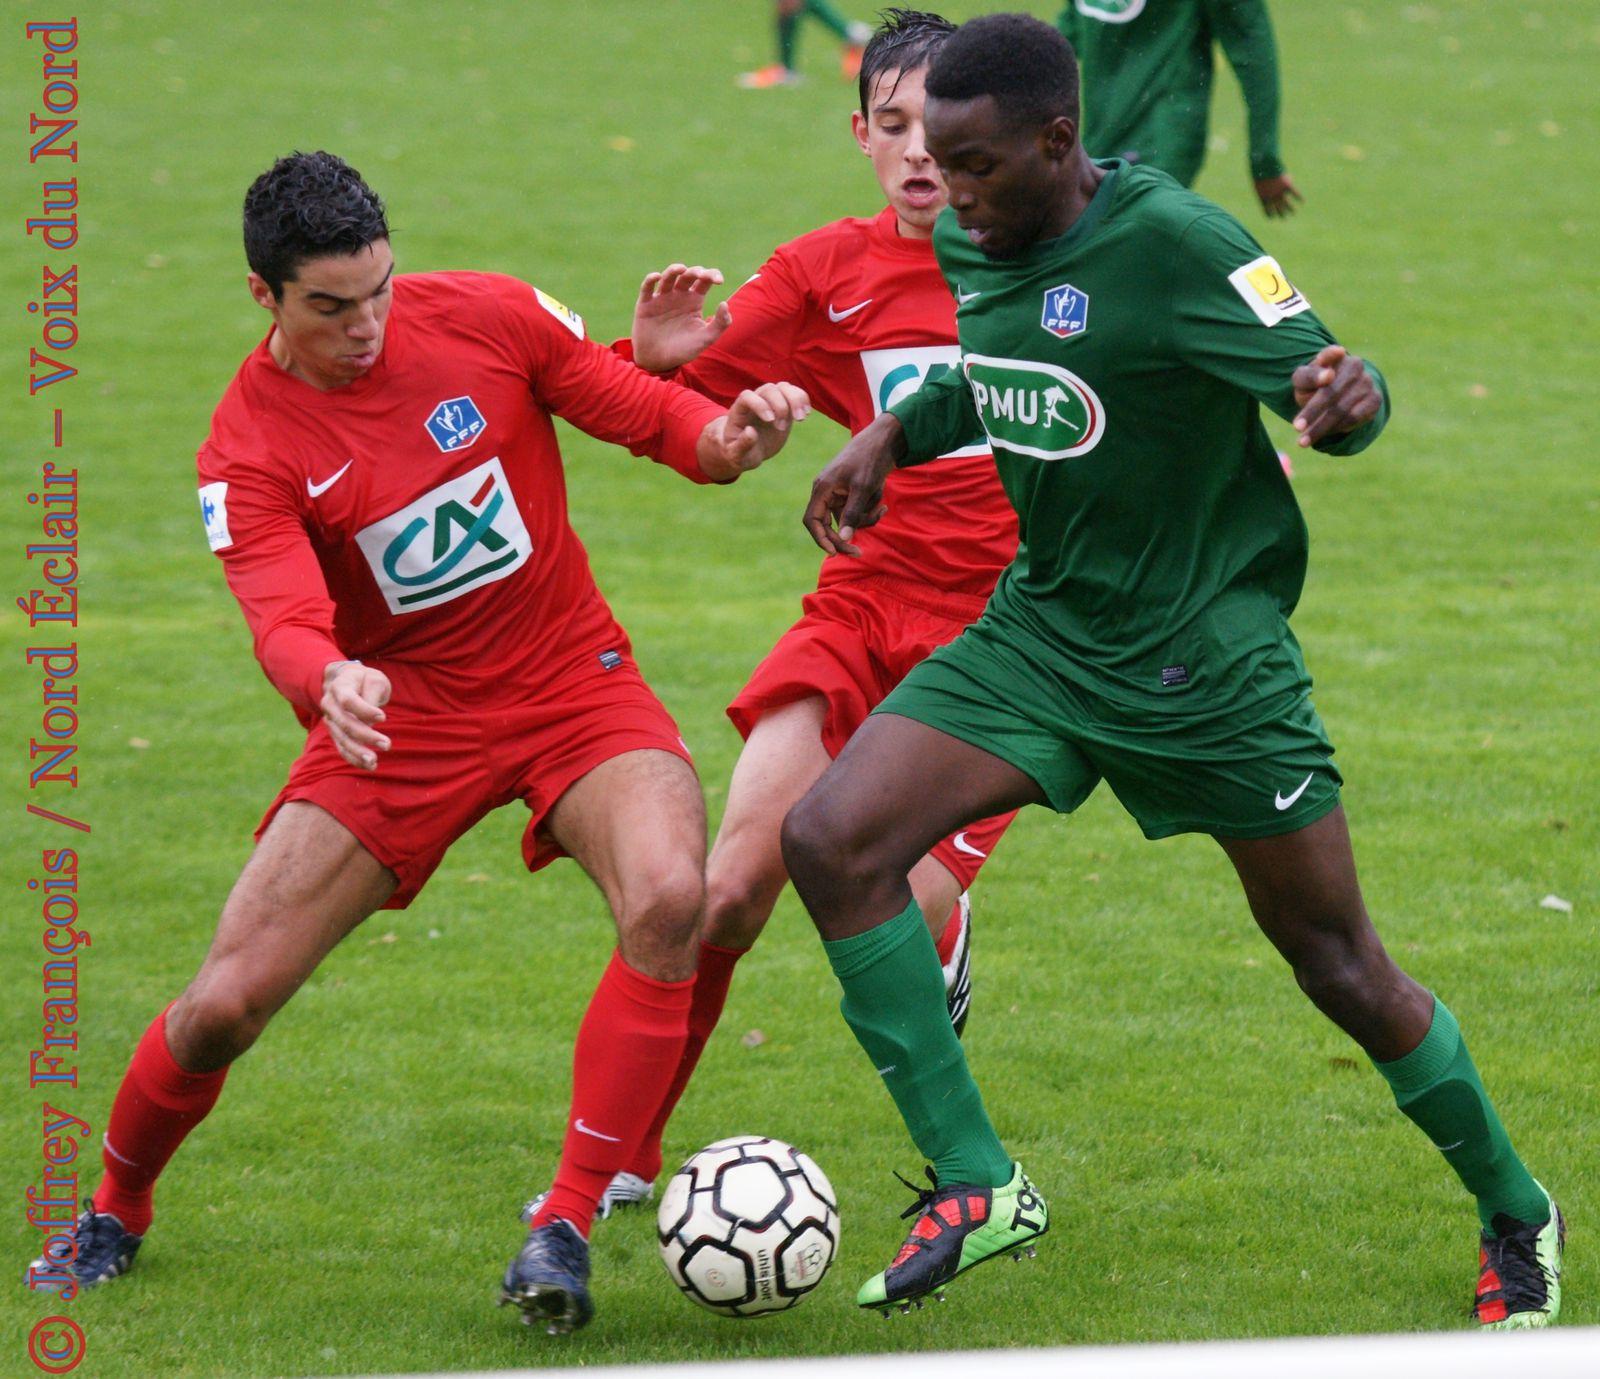 13.10.13 CDF Roncq-Villeneuve d'ascq